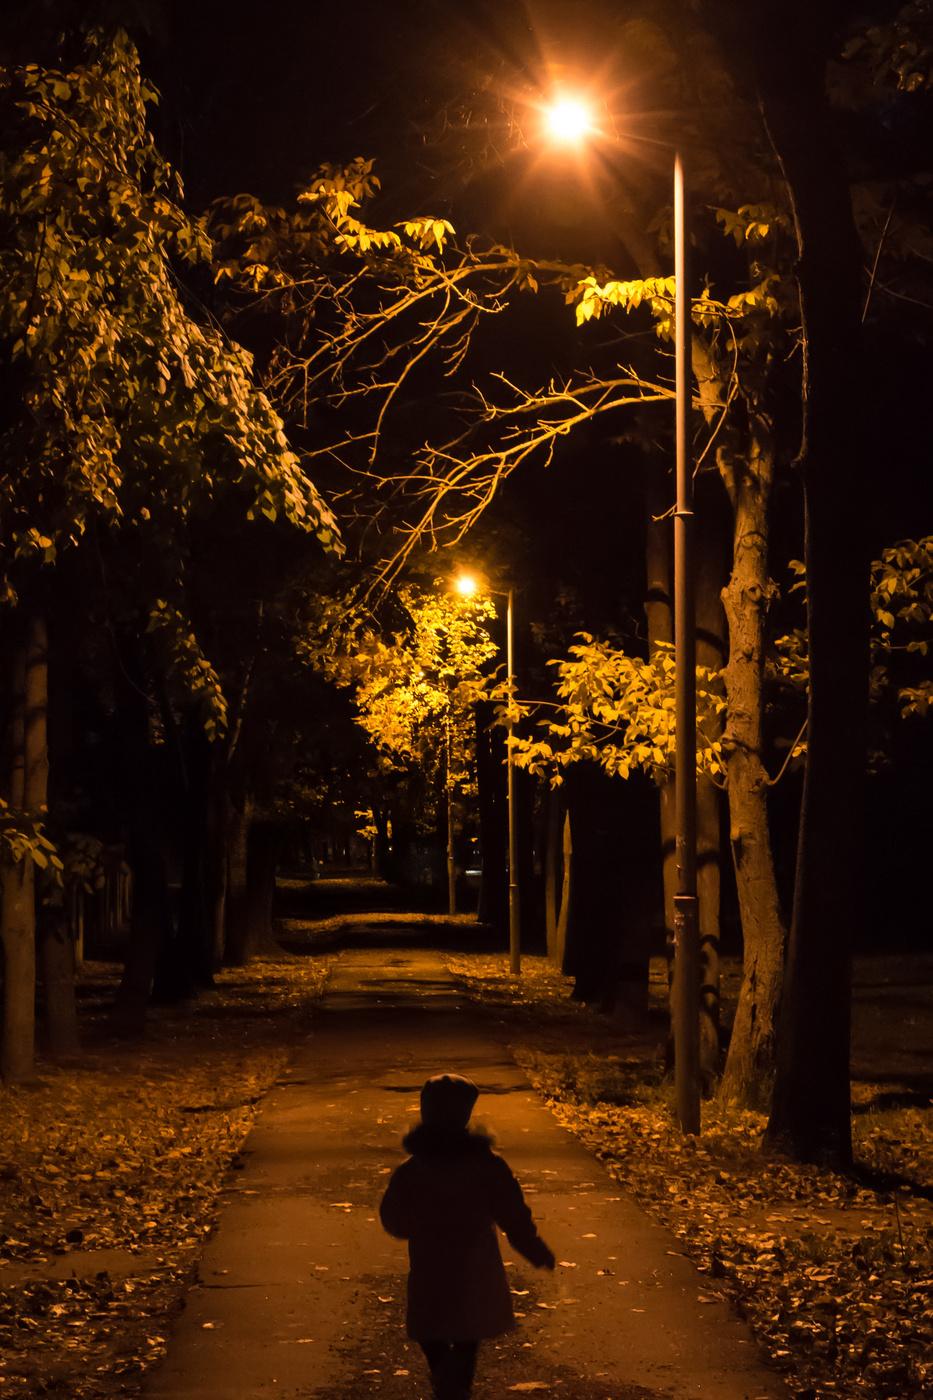 окна вечерняя прогулка по тропинкам картинки знаю